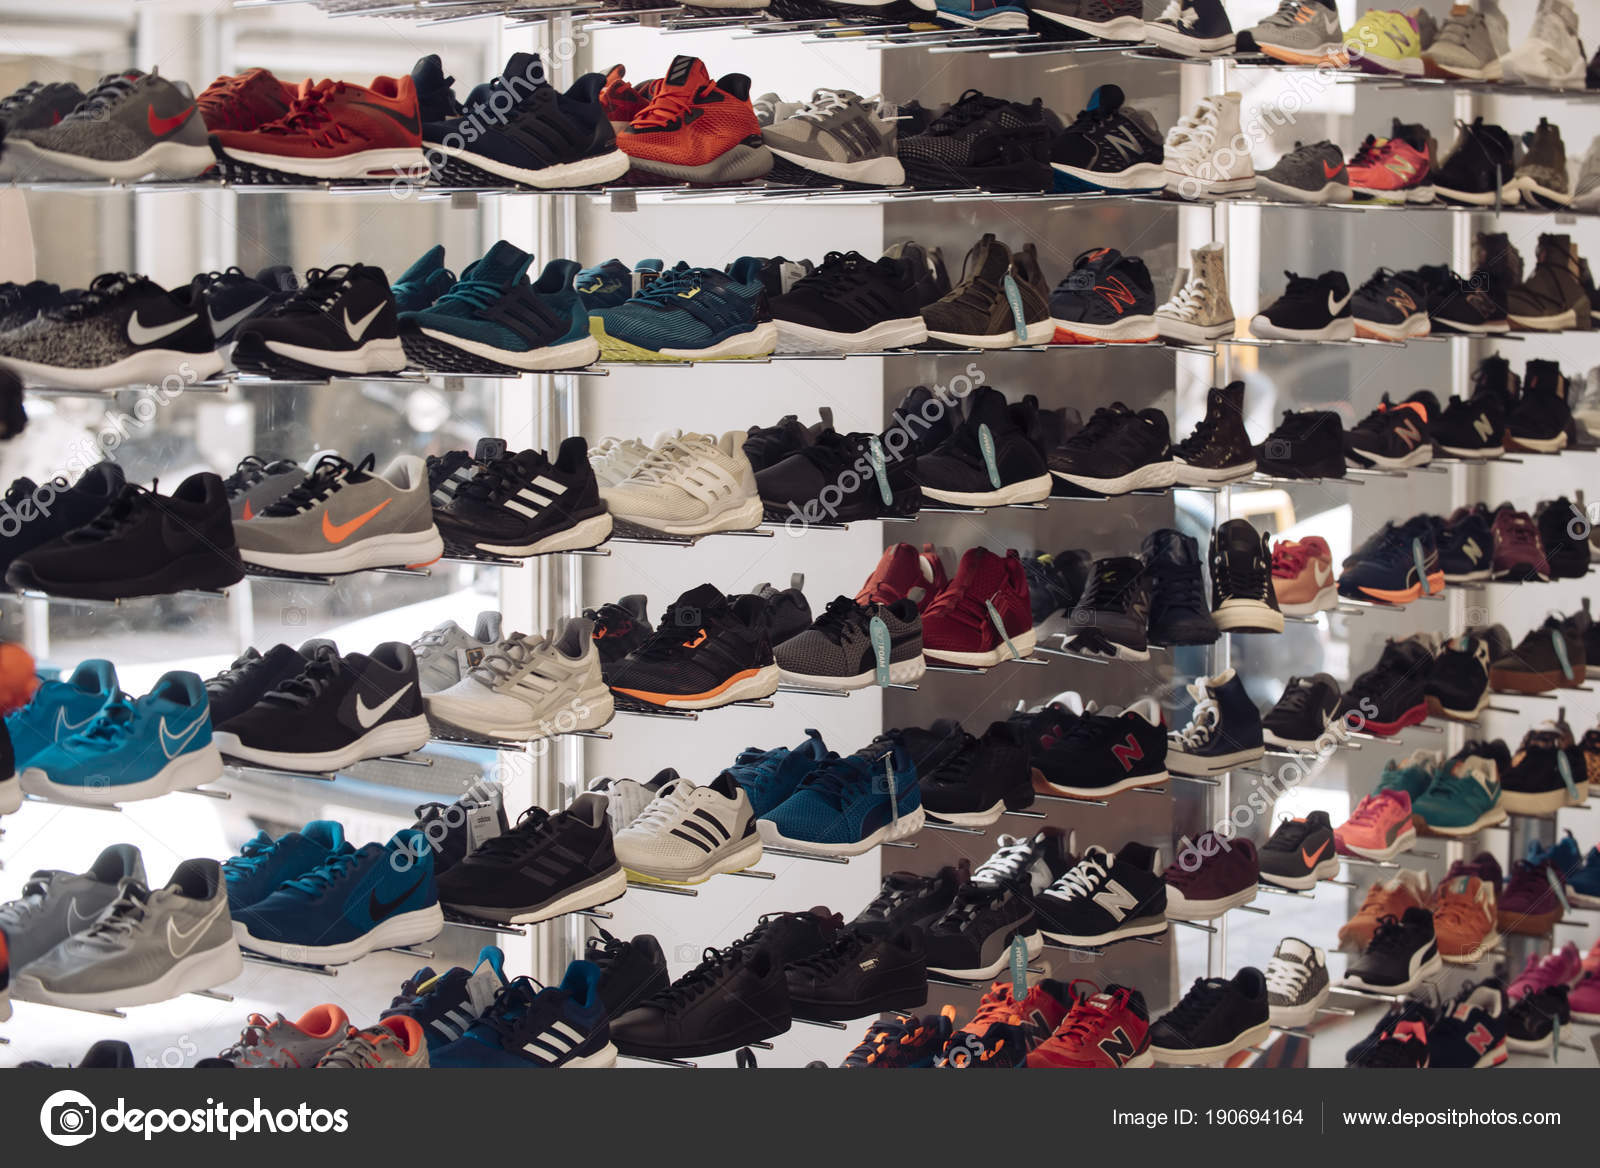 f73736a9904 Milan, Italië - 13 September 2017: moderne sneakers in schoenenwinkel.  Nieuwe modellen van sportieve schoenen van bekende merken — Foto van ...